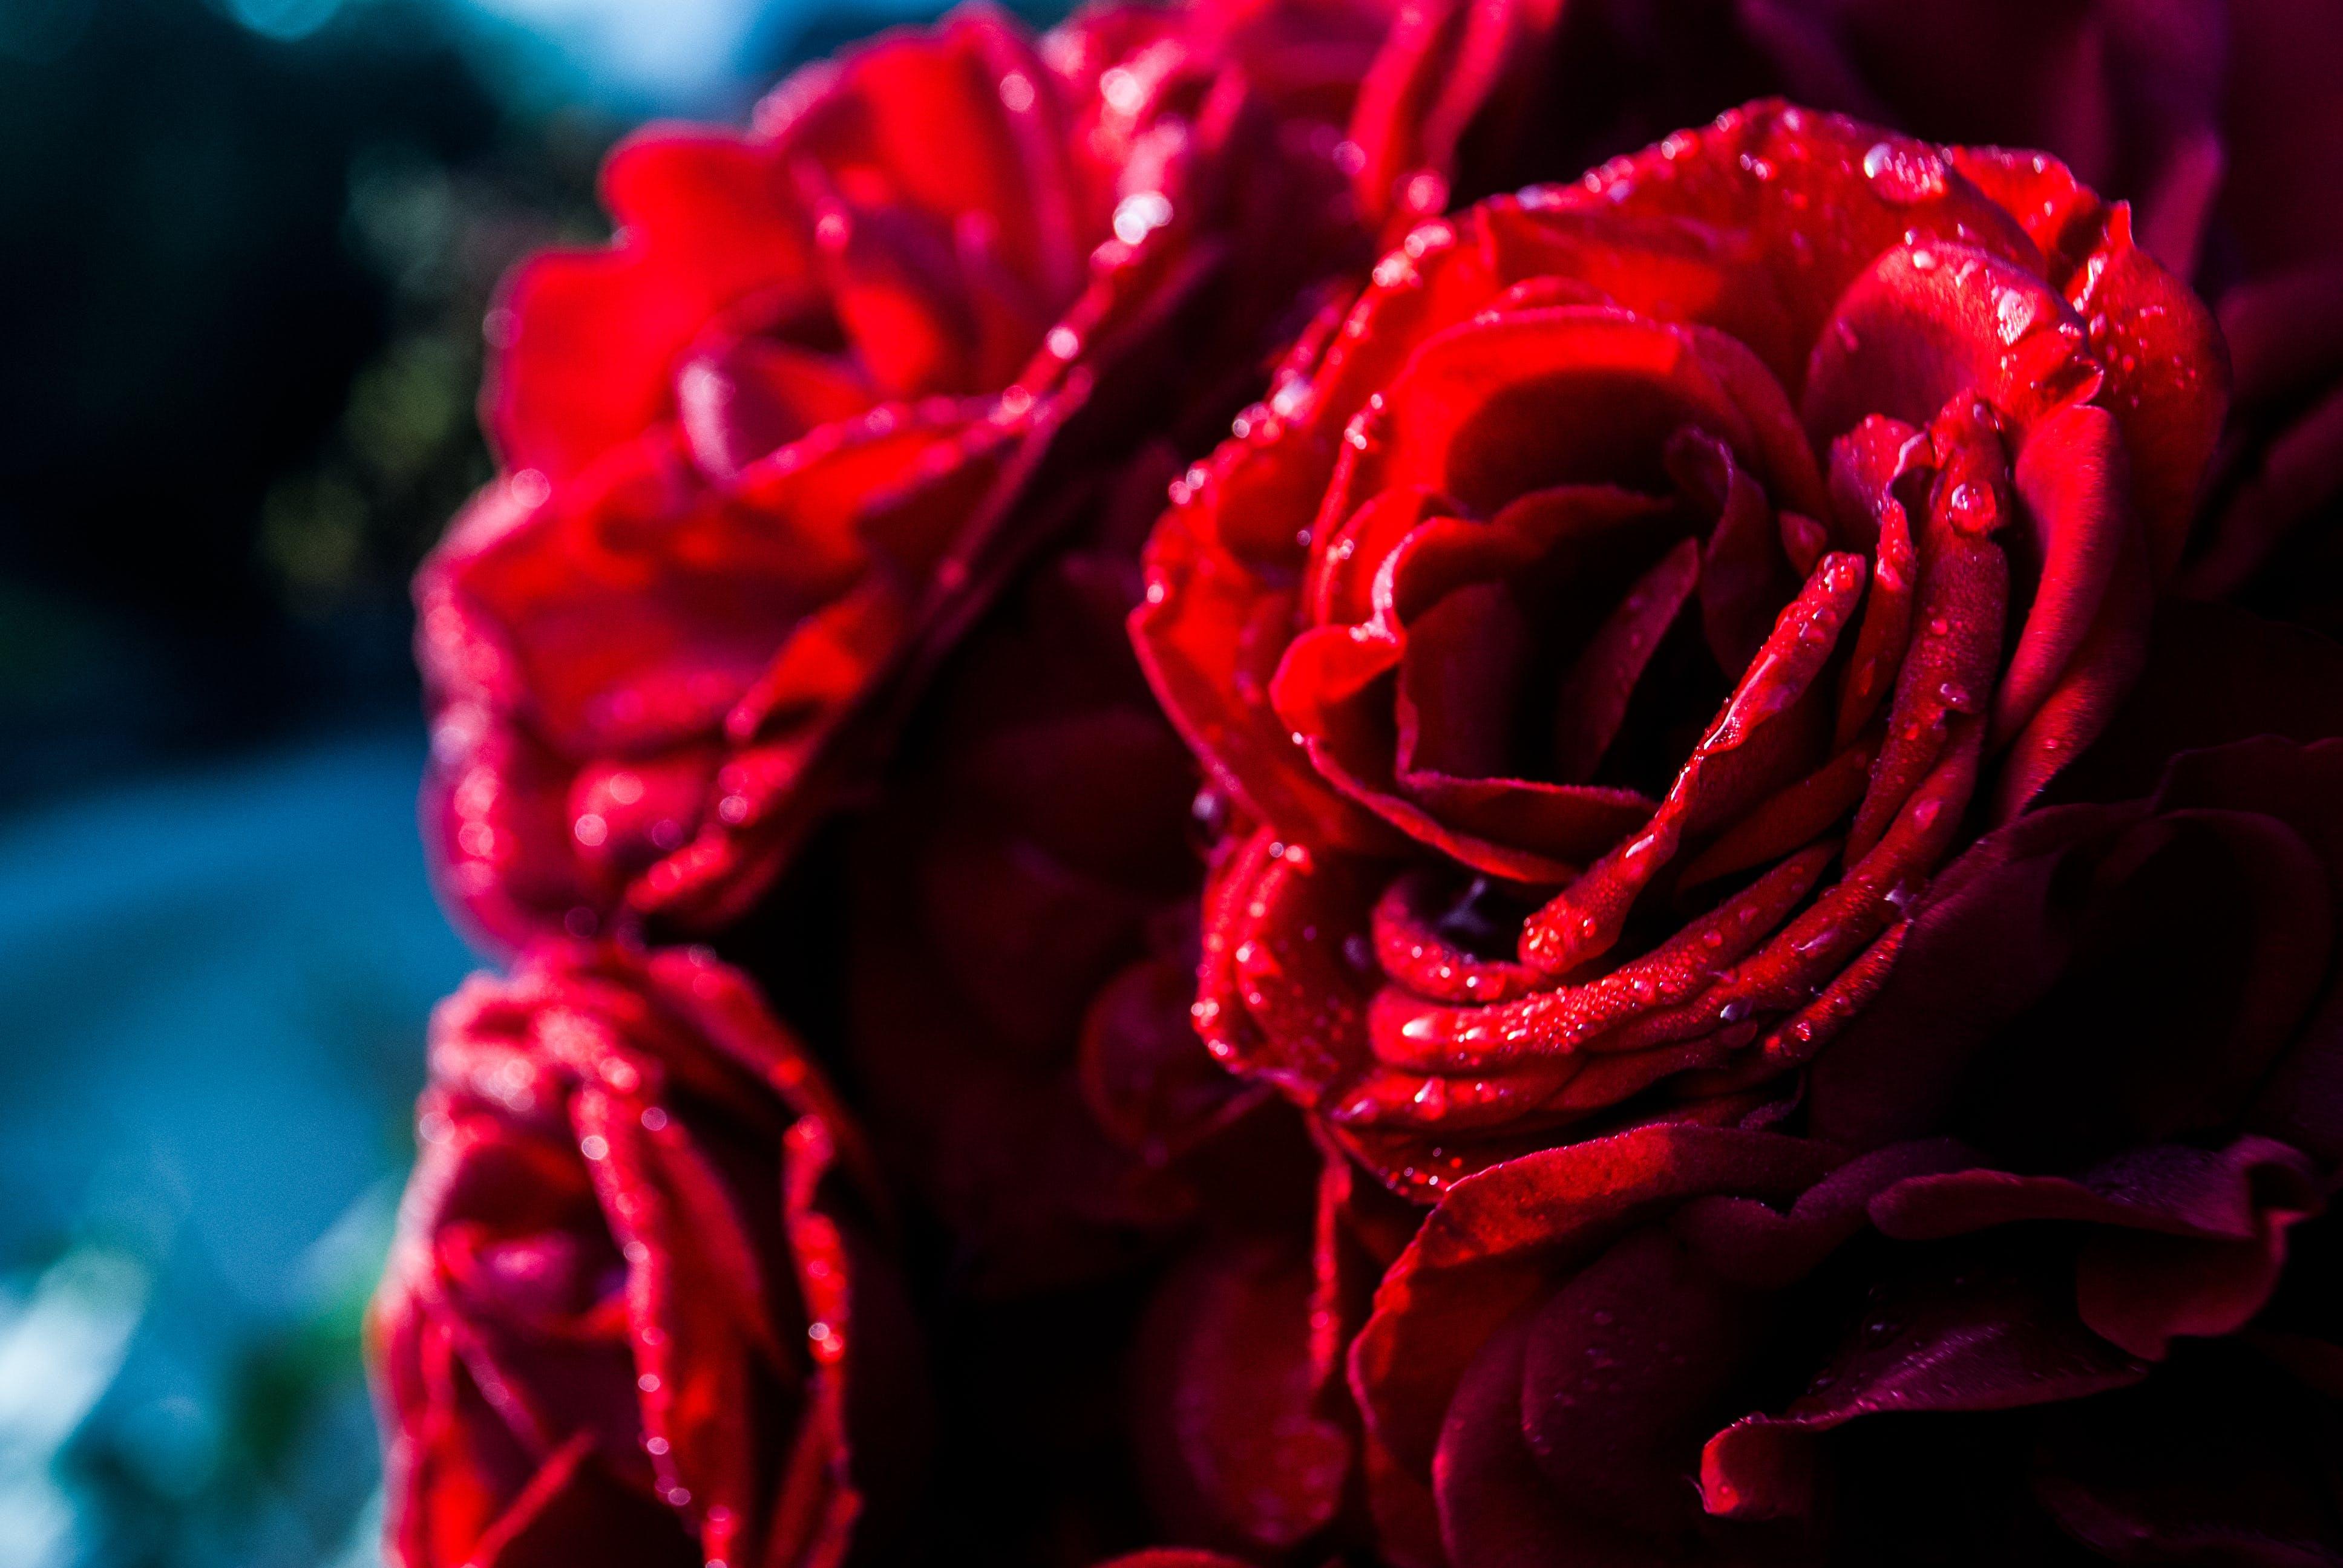 Gratis lagerfoto af røde roser, smukke blomster